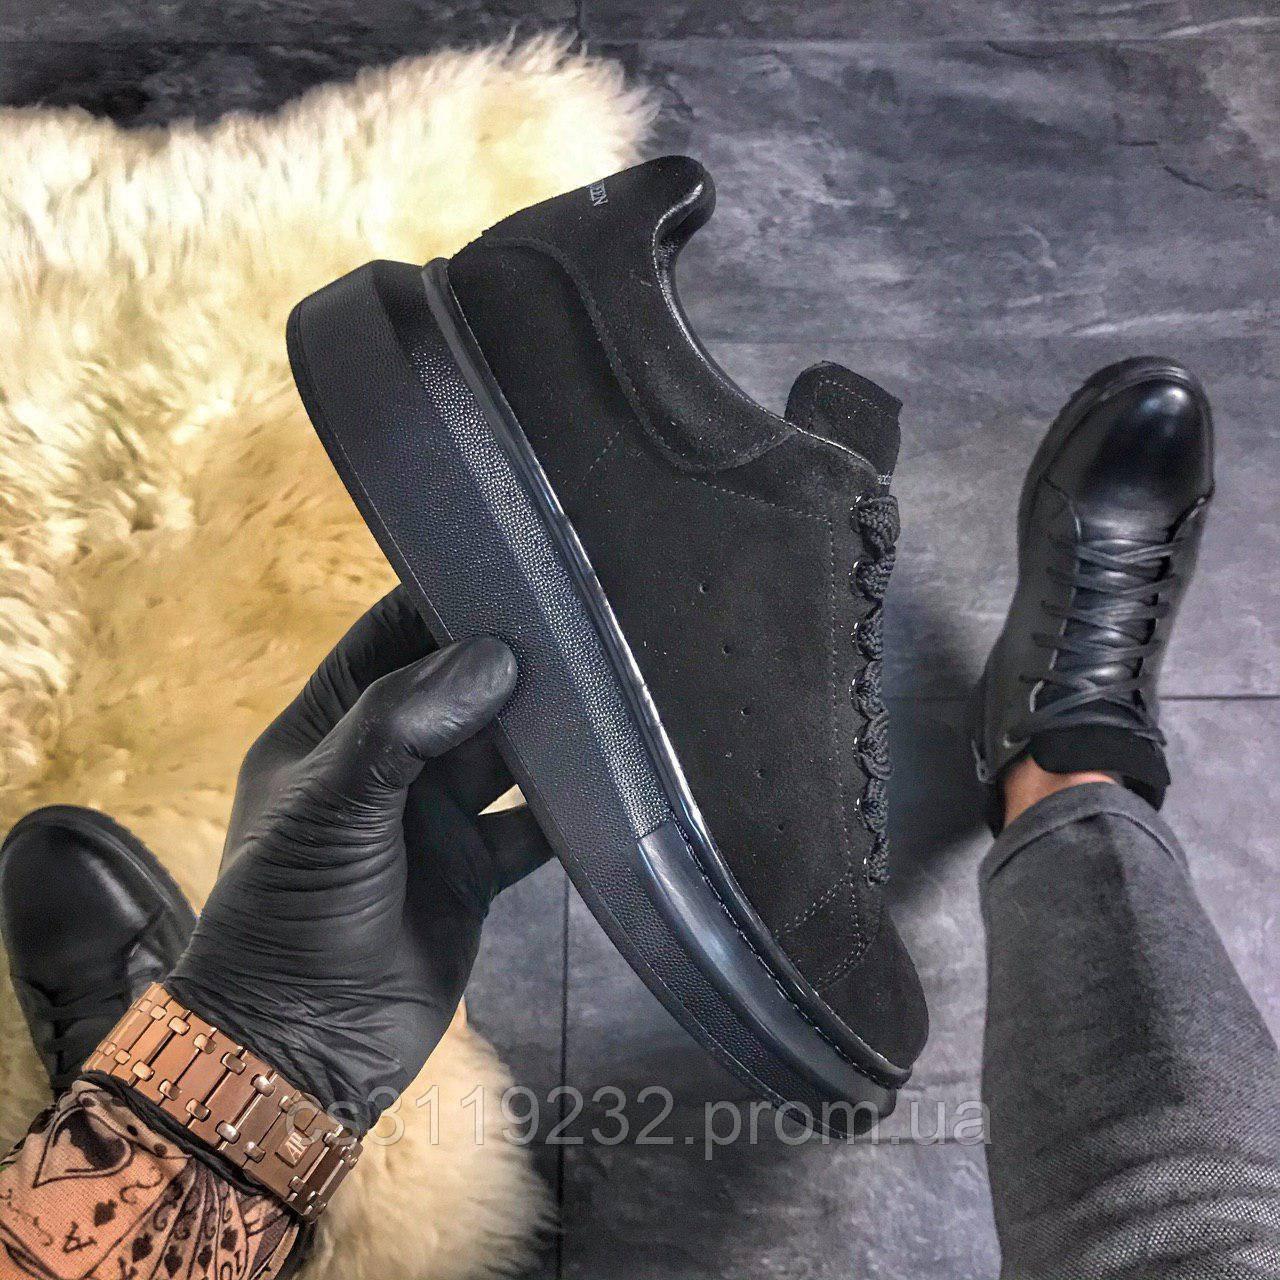 Жіночі замшеві кросівки Triple Black Suede (чорні)